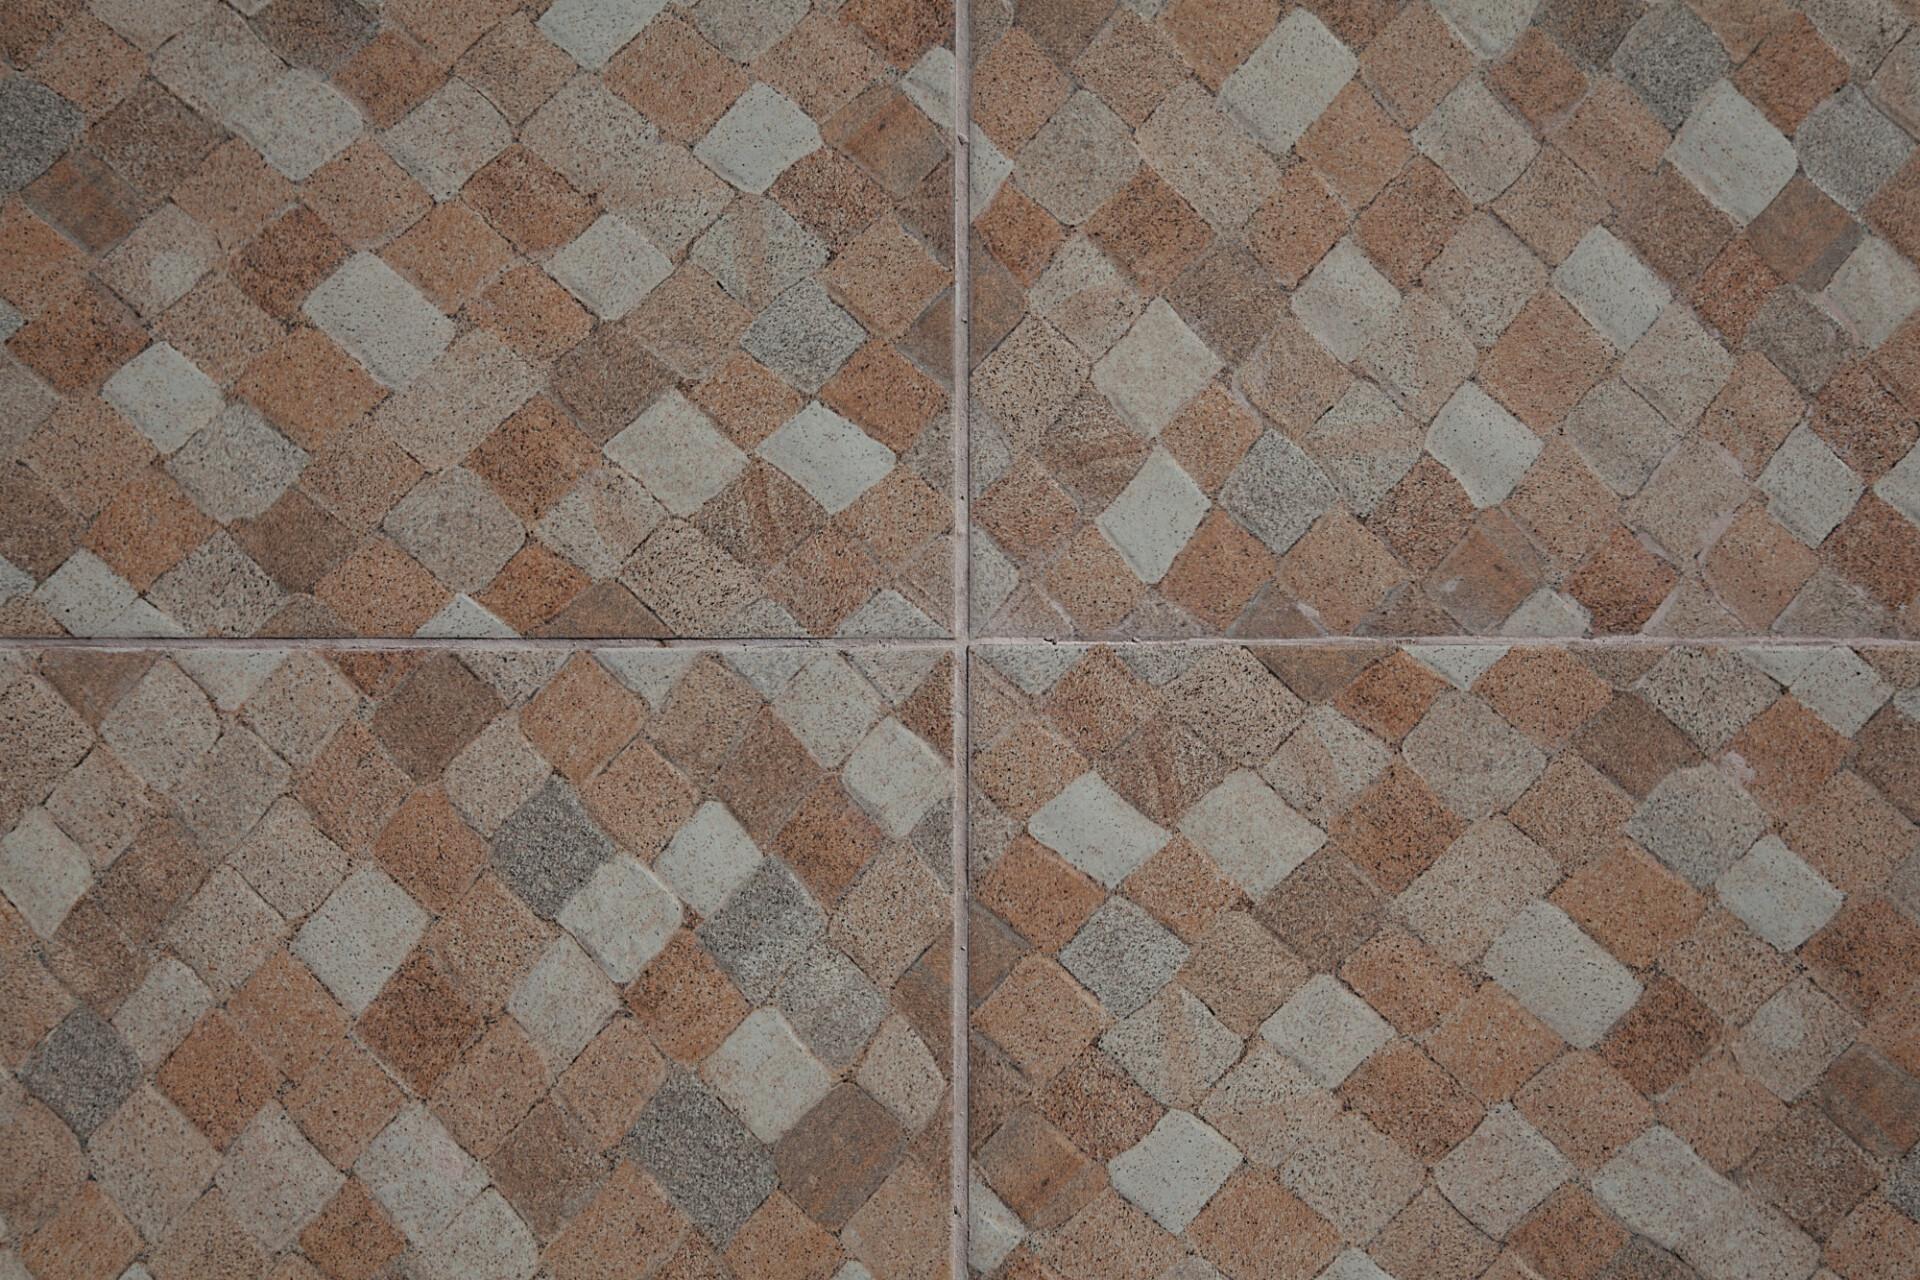 checkered stone tiles texture